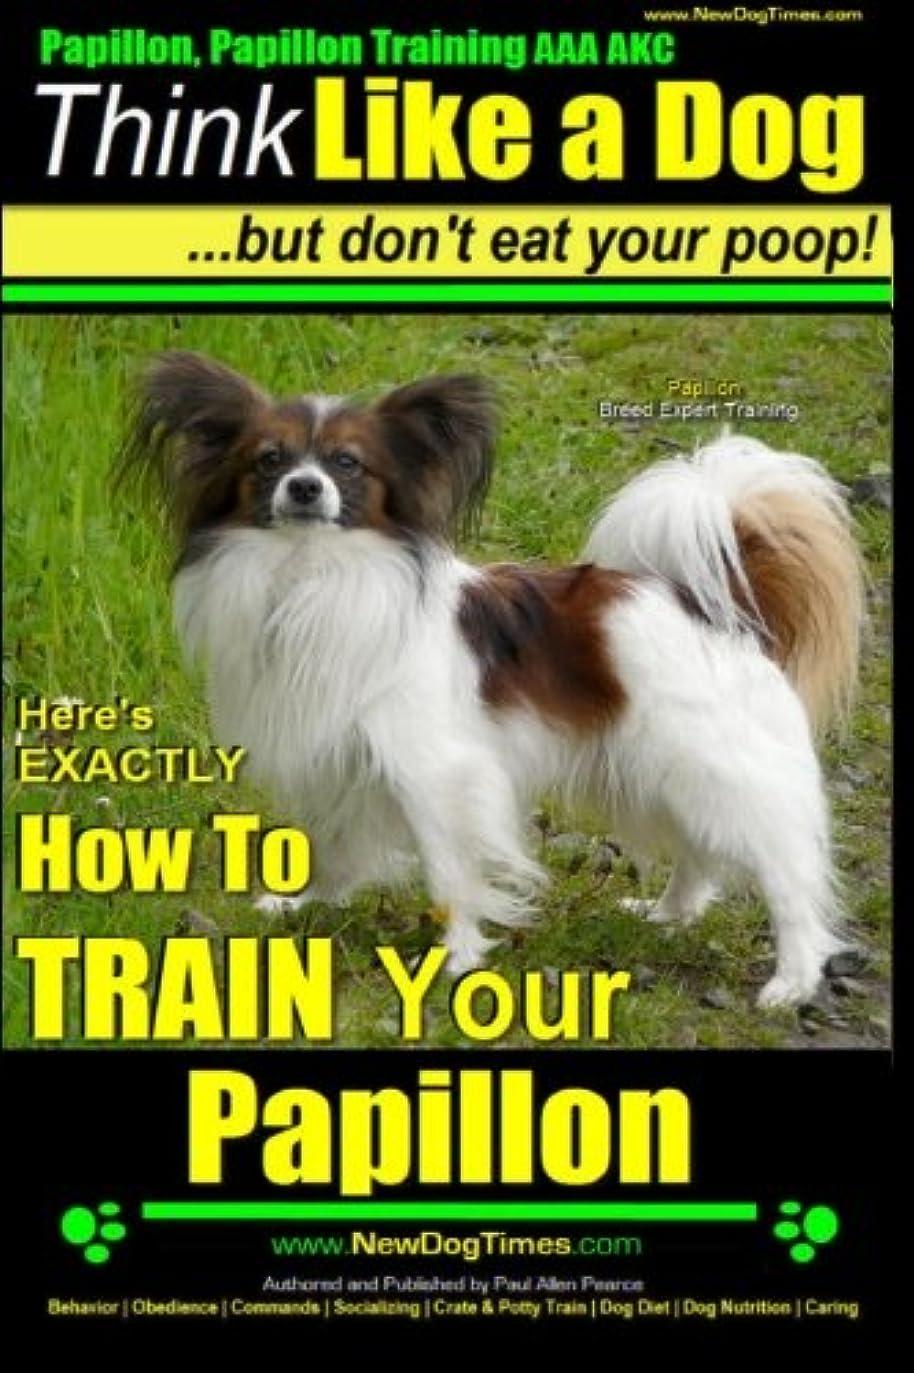 寝室を掃除する間接的儀式Papillon, Papillon Training AAA AKC: Think Like a Dog, but Don't Eat Your Poop! | Papillon Breed Expert Training |: Here's EXACTLY How to Train Your Papillon